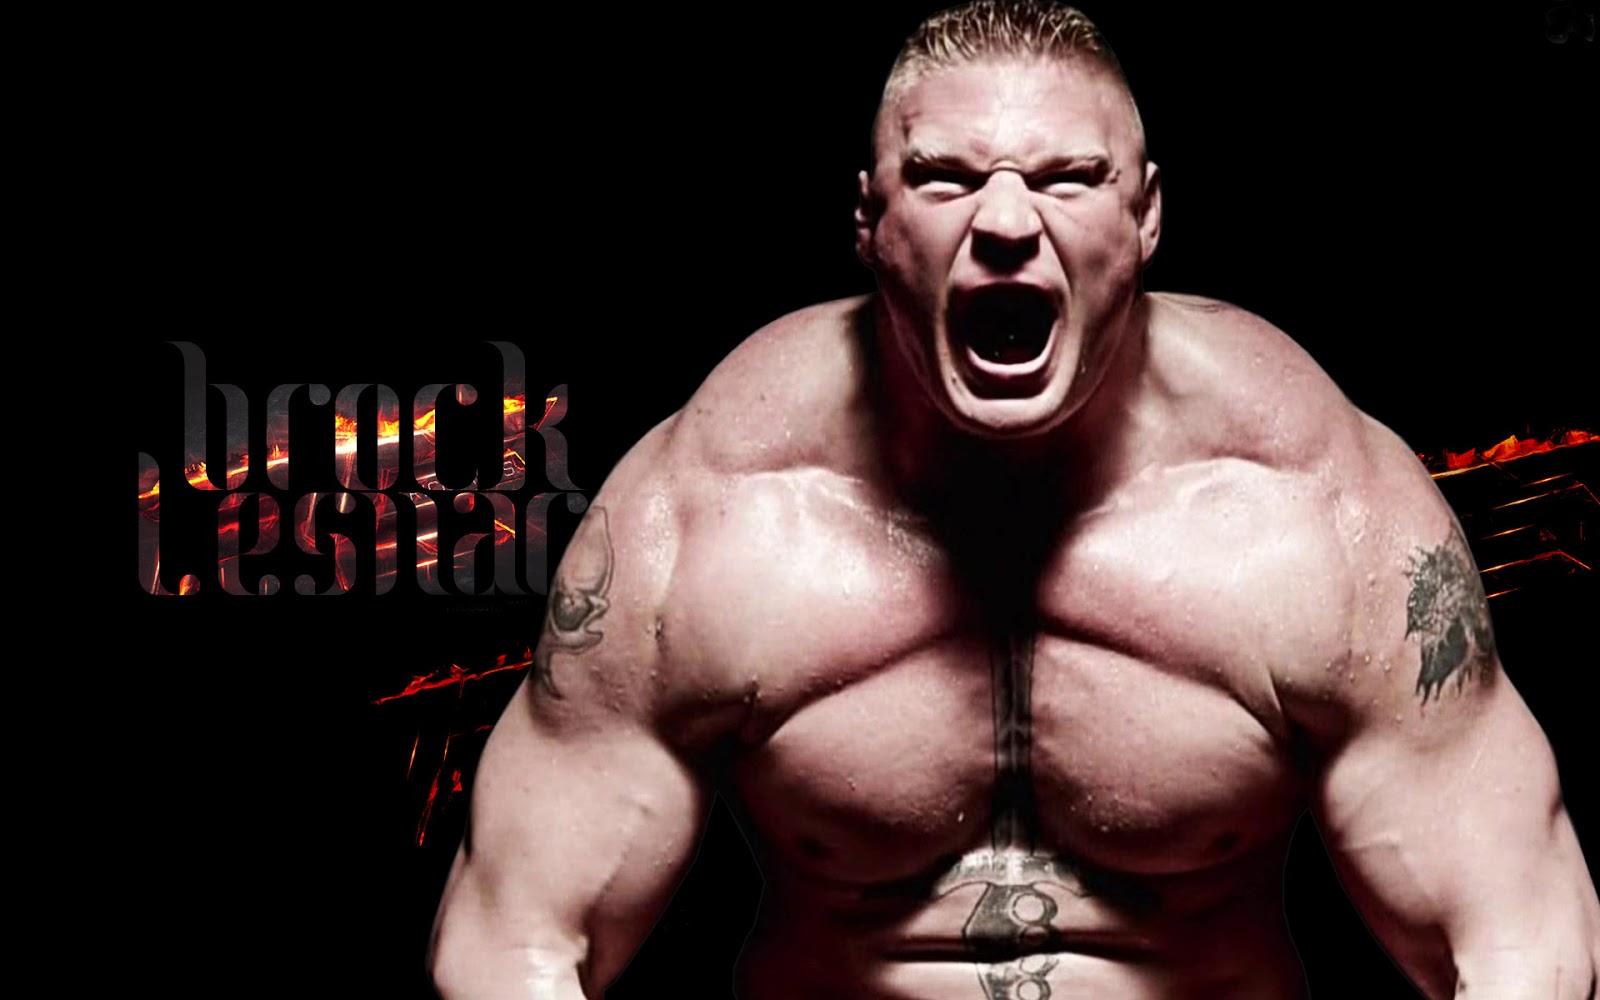 WORLD WRESTLING ENTERTAINMENT: Brock lesnar